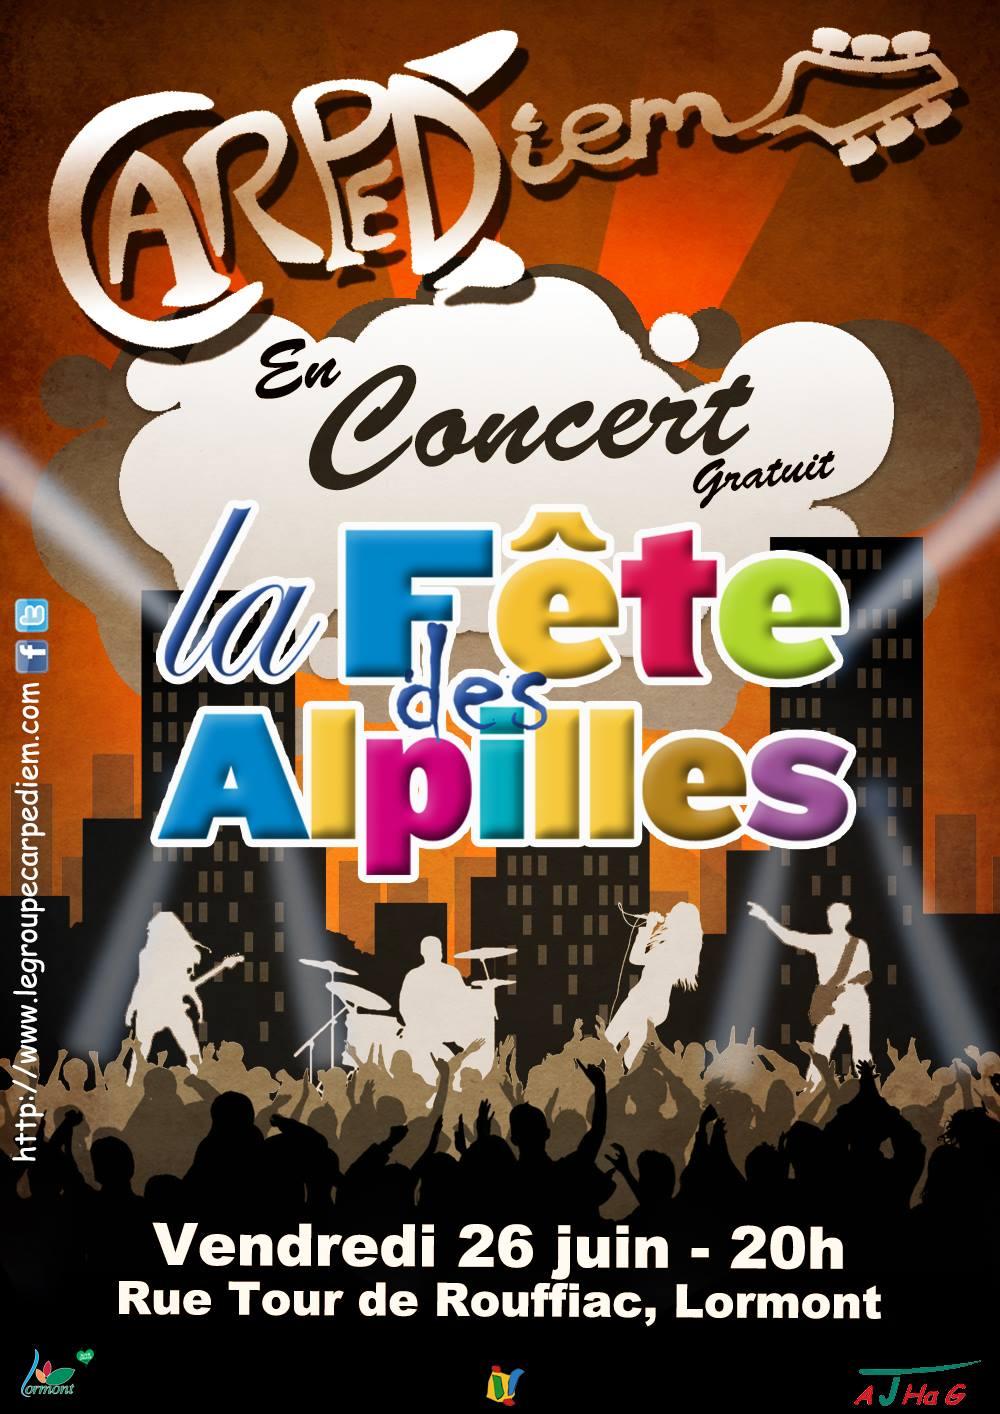 alpilles-lormont-concert-carpediem-fete